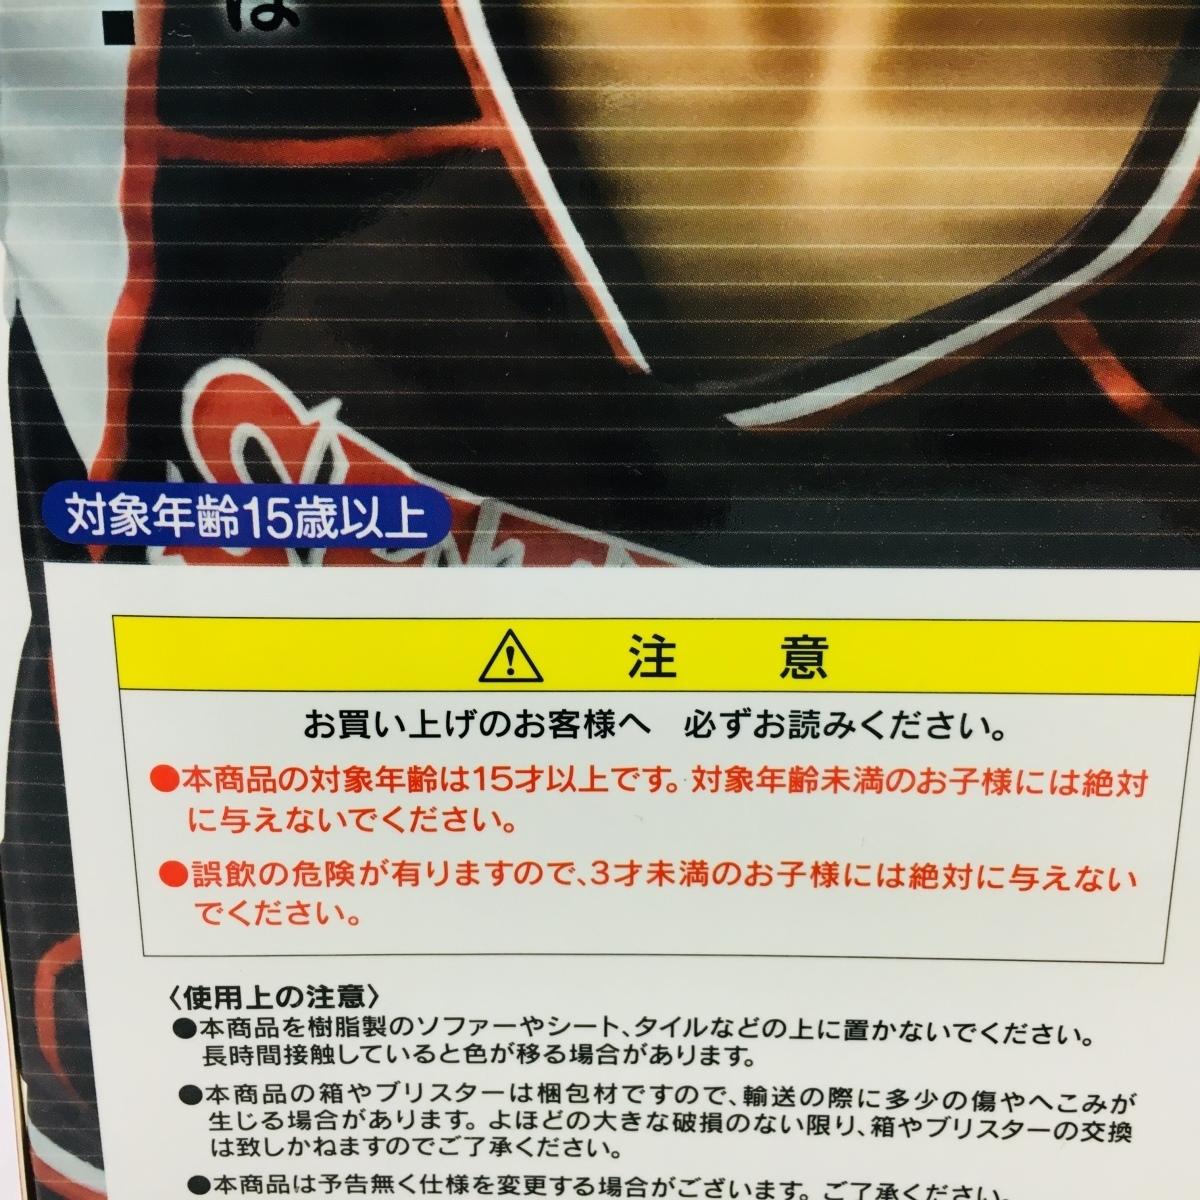 新品未開封 メガハウス 黒子のバスケフィギュアシリーズ 黒子のバスケ 黒子テツヤ 黒ユニフォームver._画像4